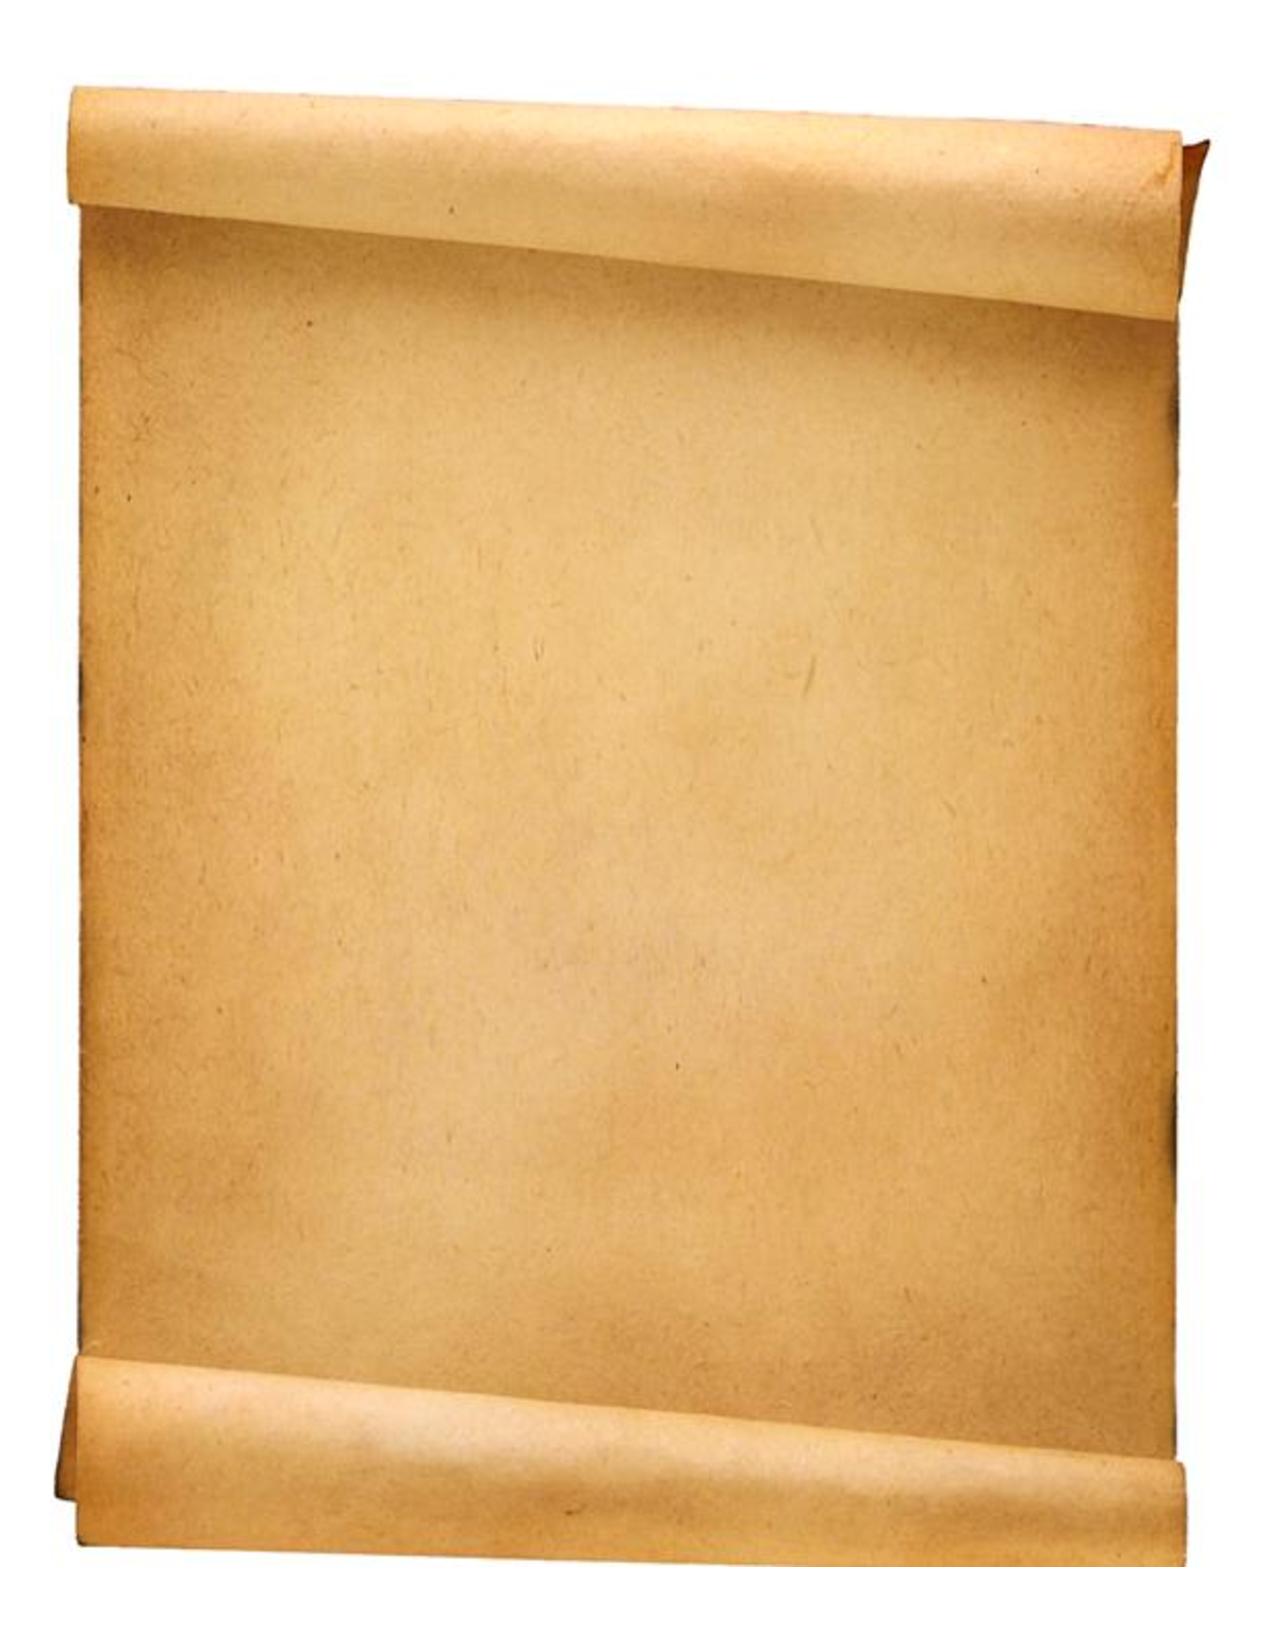 Parchment background clipart clip art free stock Free Free Parchment Background, Download Free Clip Art, Free ... clip art free stock